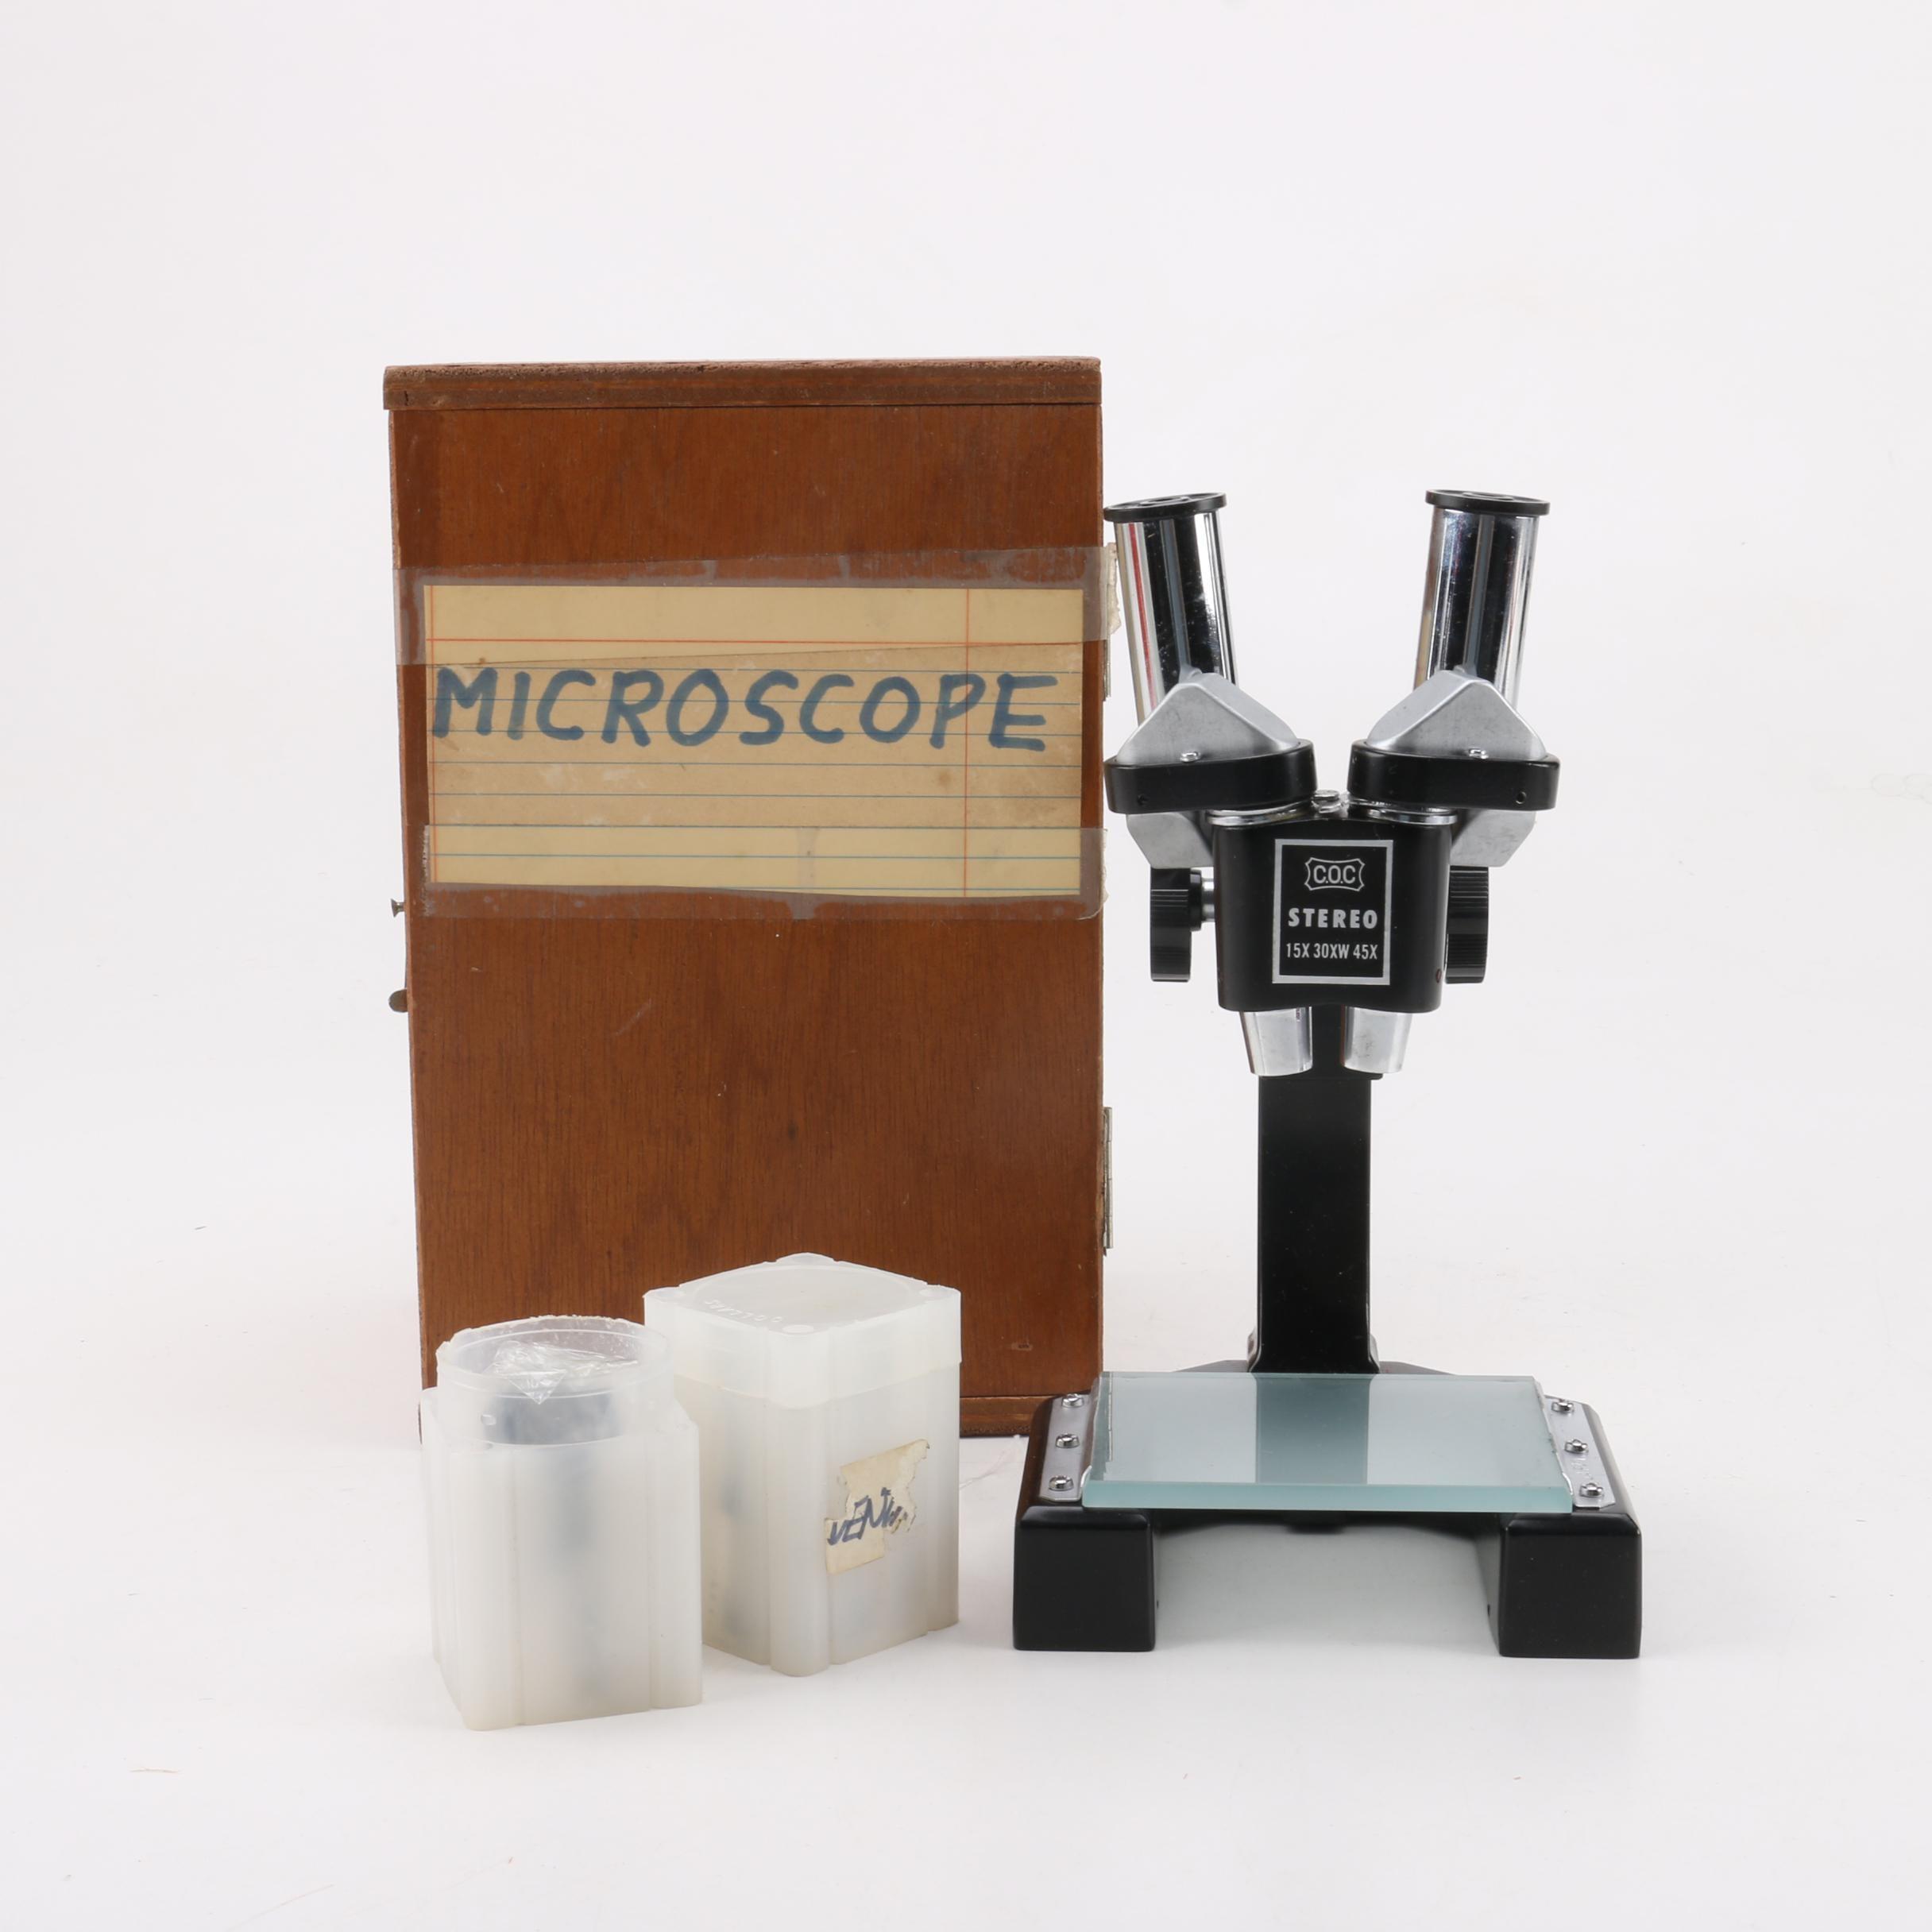 C.O.C. Binocular Microscope